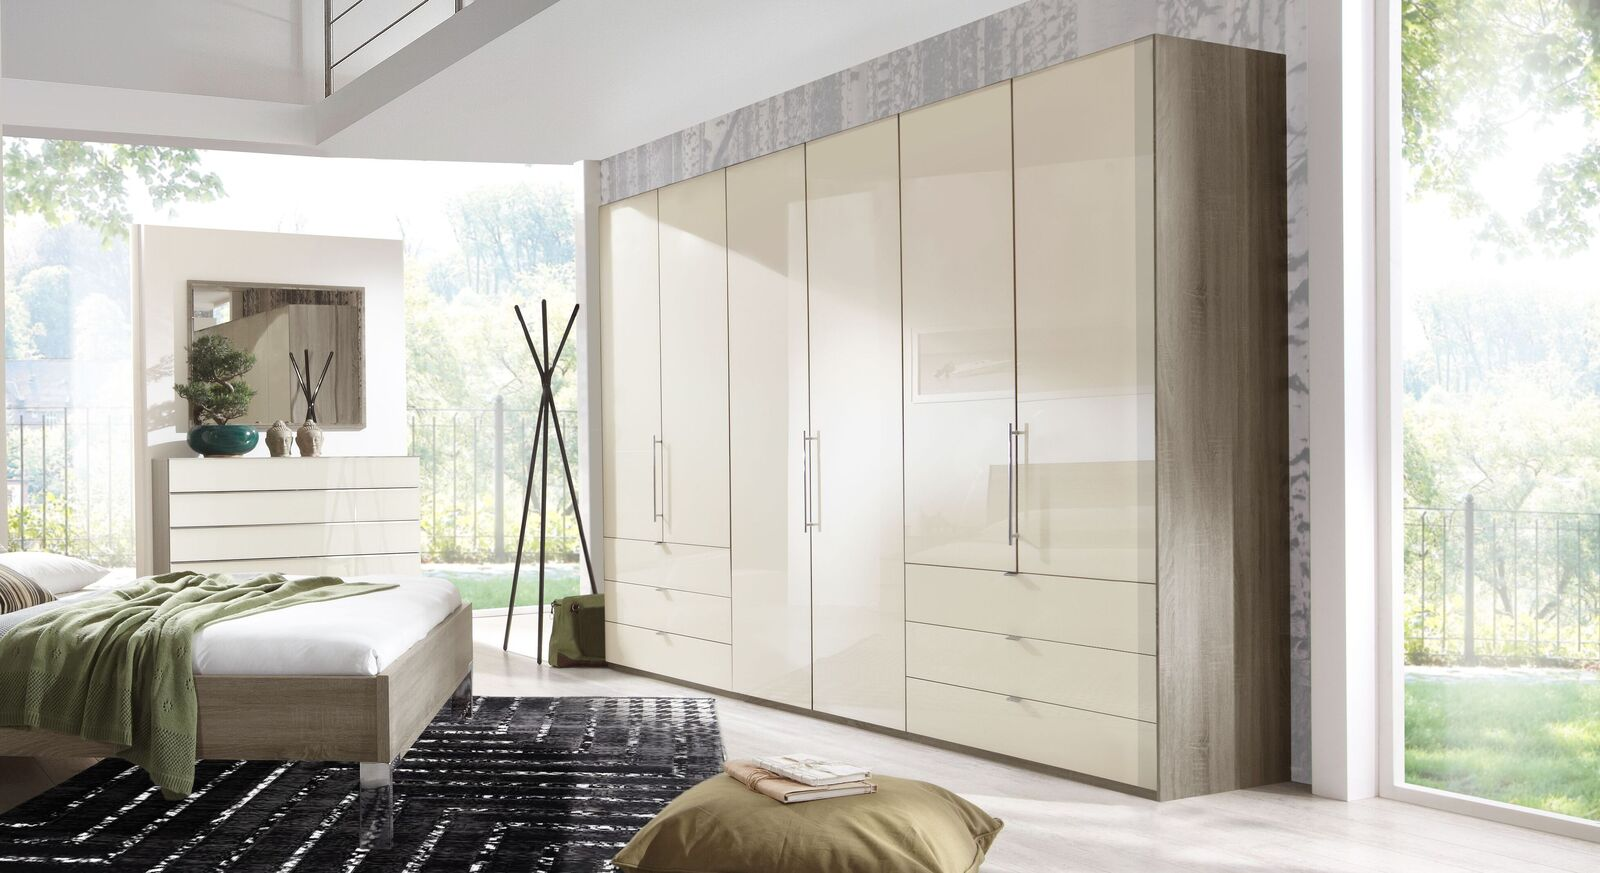 Funktions-Kleiderschrank Tiko mit Glasfronten in Magnolie